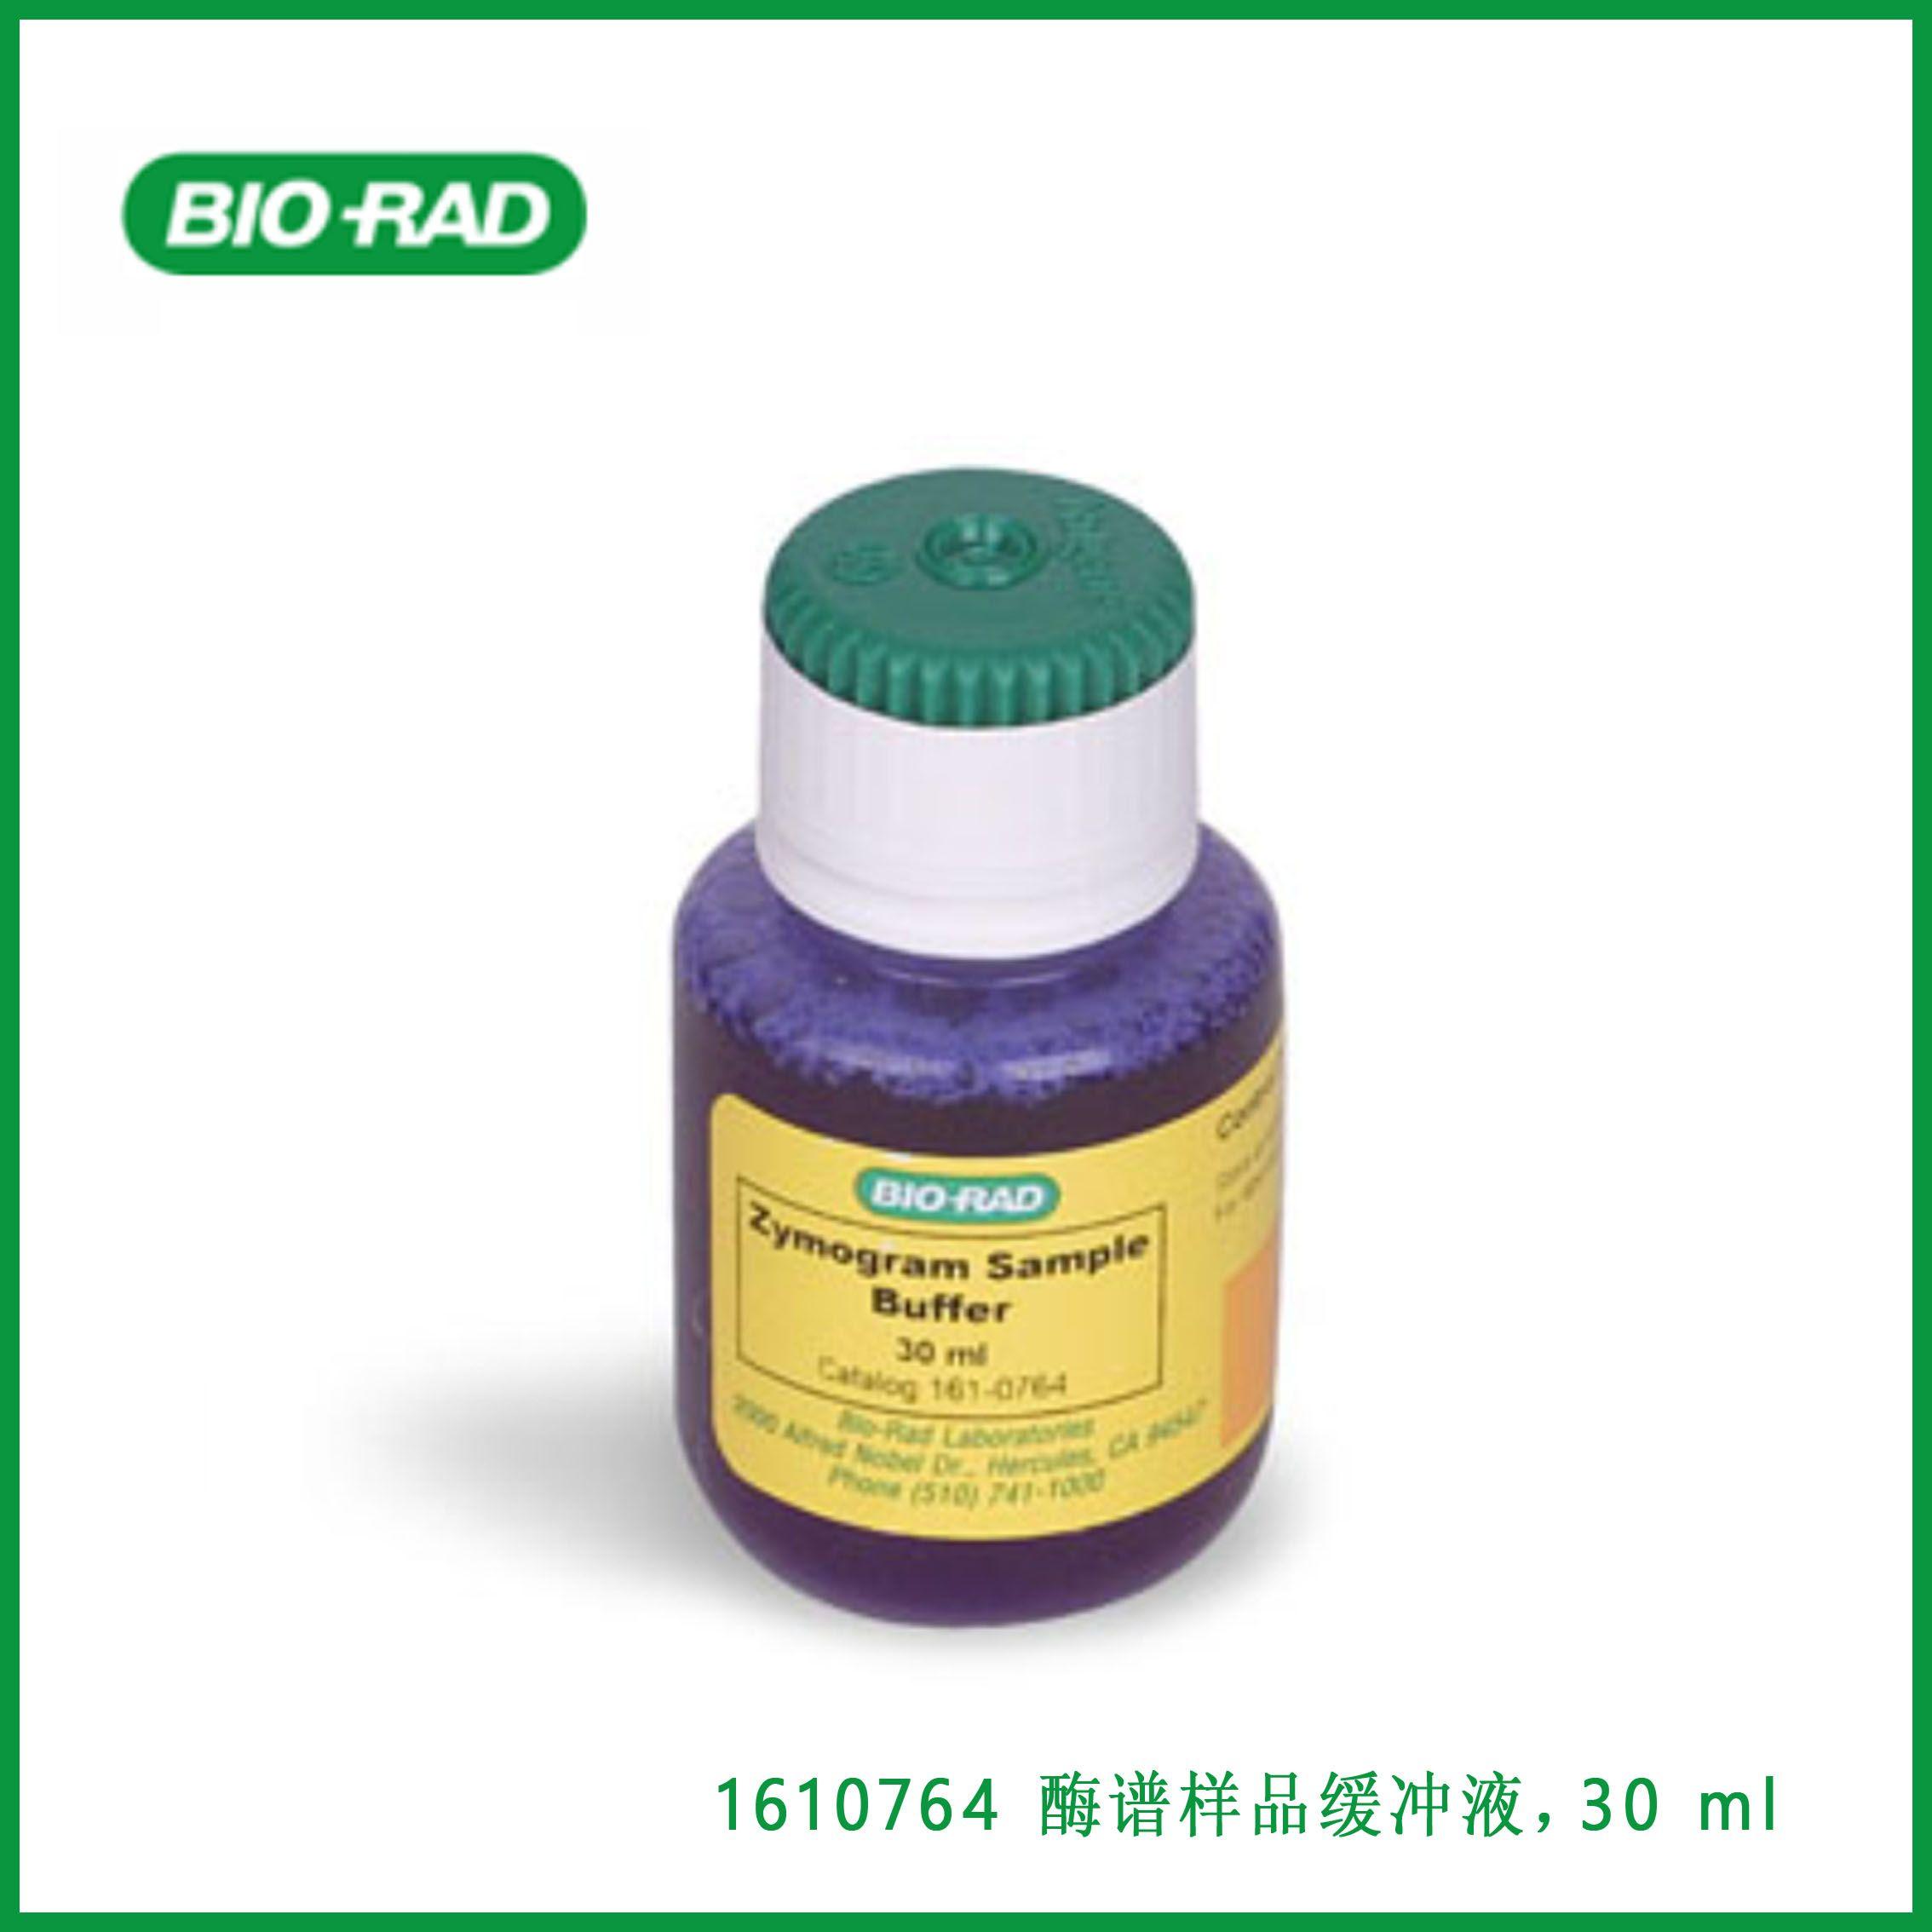 伯乐Bio-Rad1610764Zymogram Sample Buffer, 30 ml,酶谱样品缓冲液,30 ml,现货